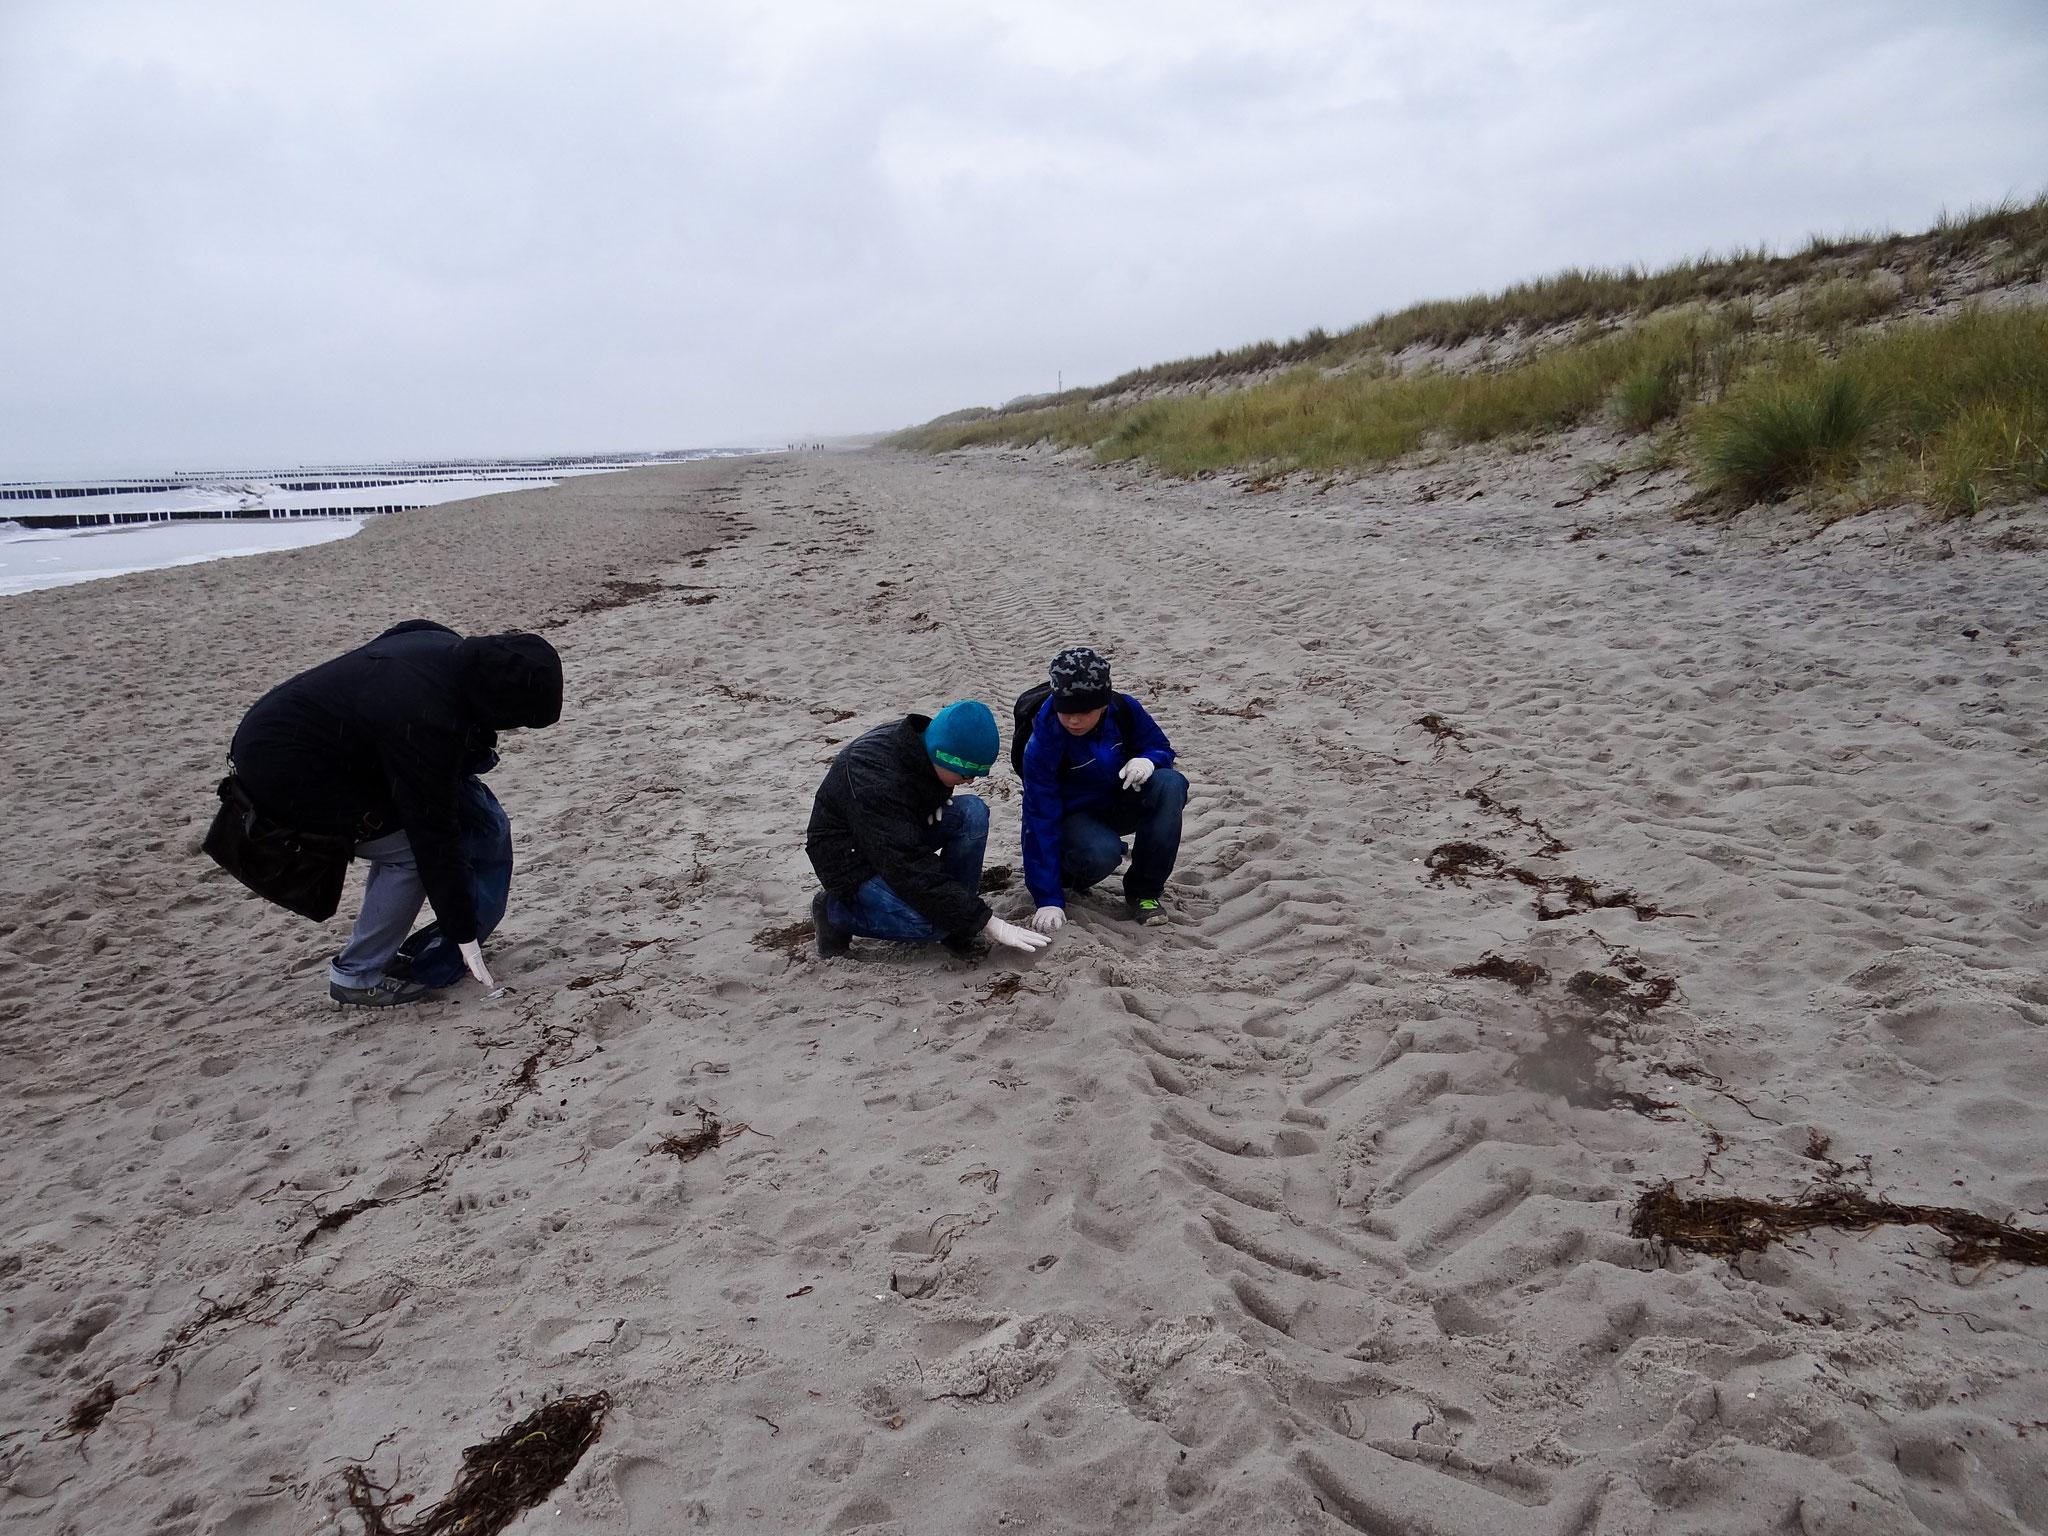 Leider haben wir nicht nur Küstenvögel am Strand entdeckt, sondern auch Müll.